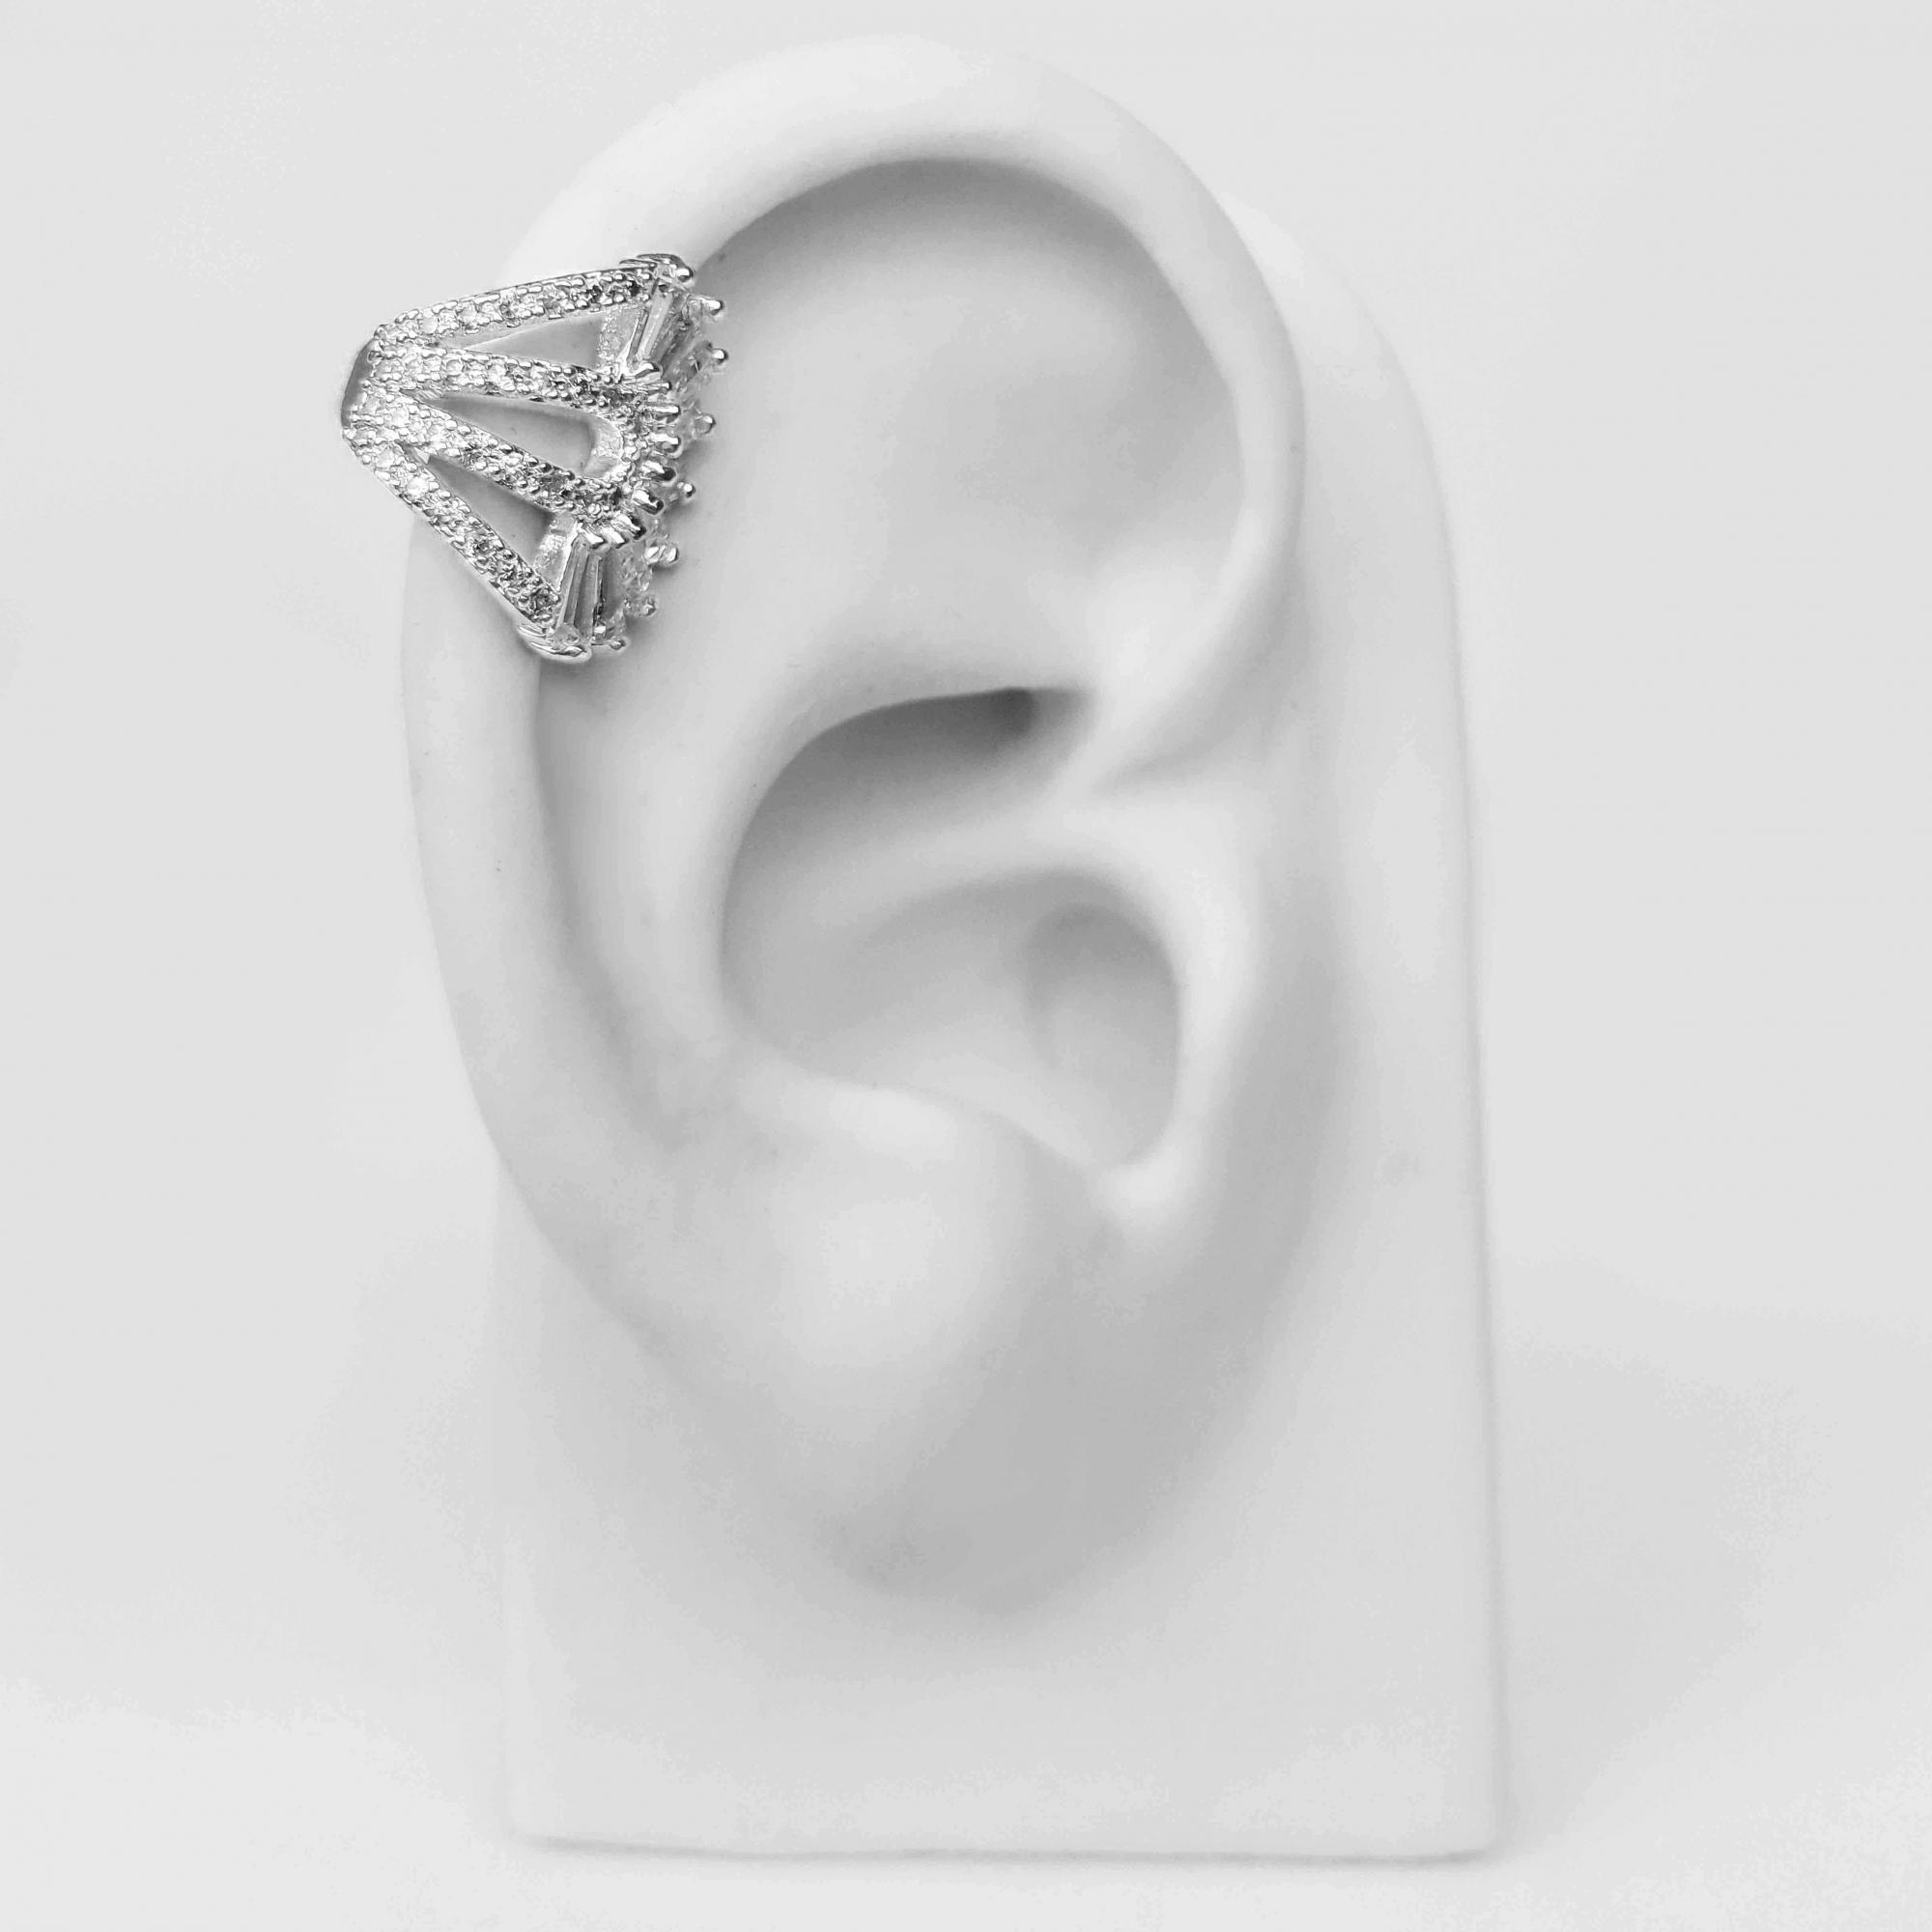 Piercing Fake Leque de Zircônias Folheado a Prata 1000  - Lunozê Joias